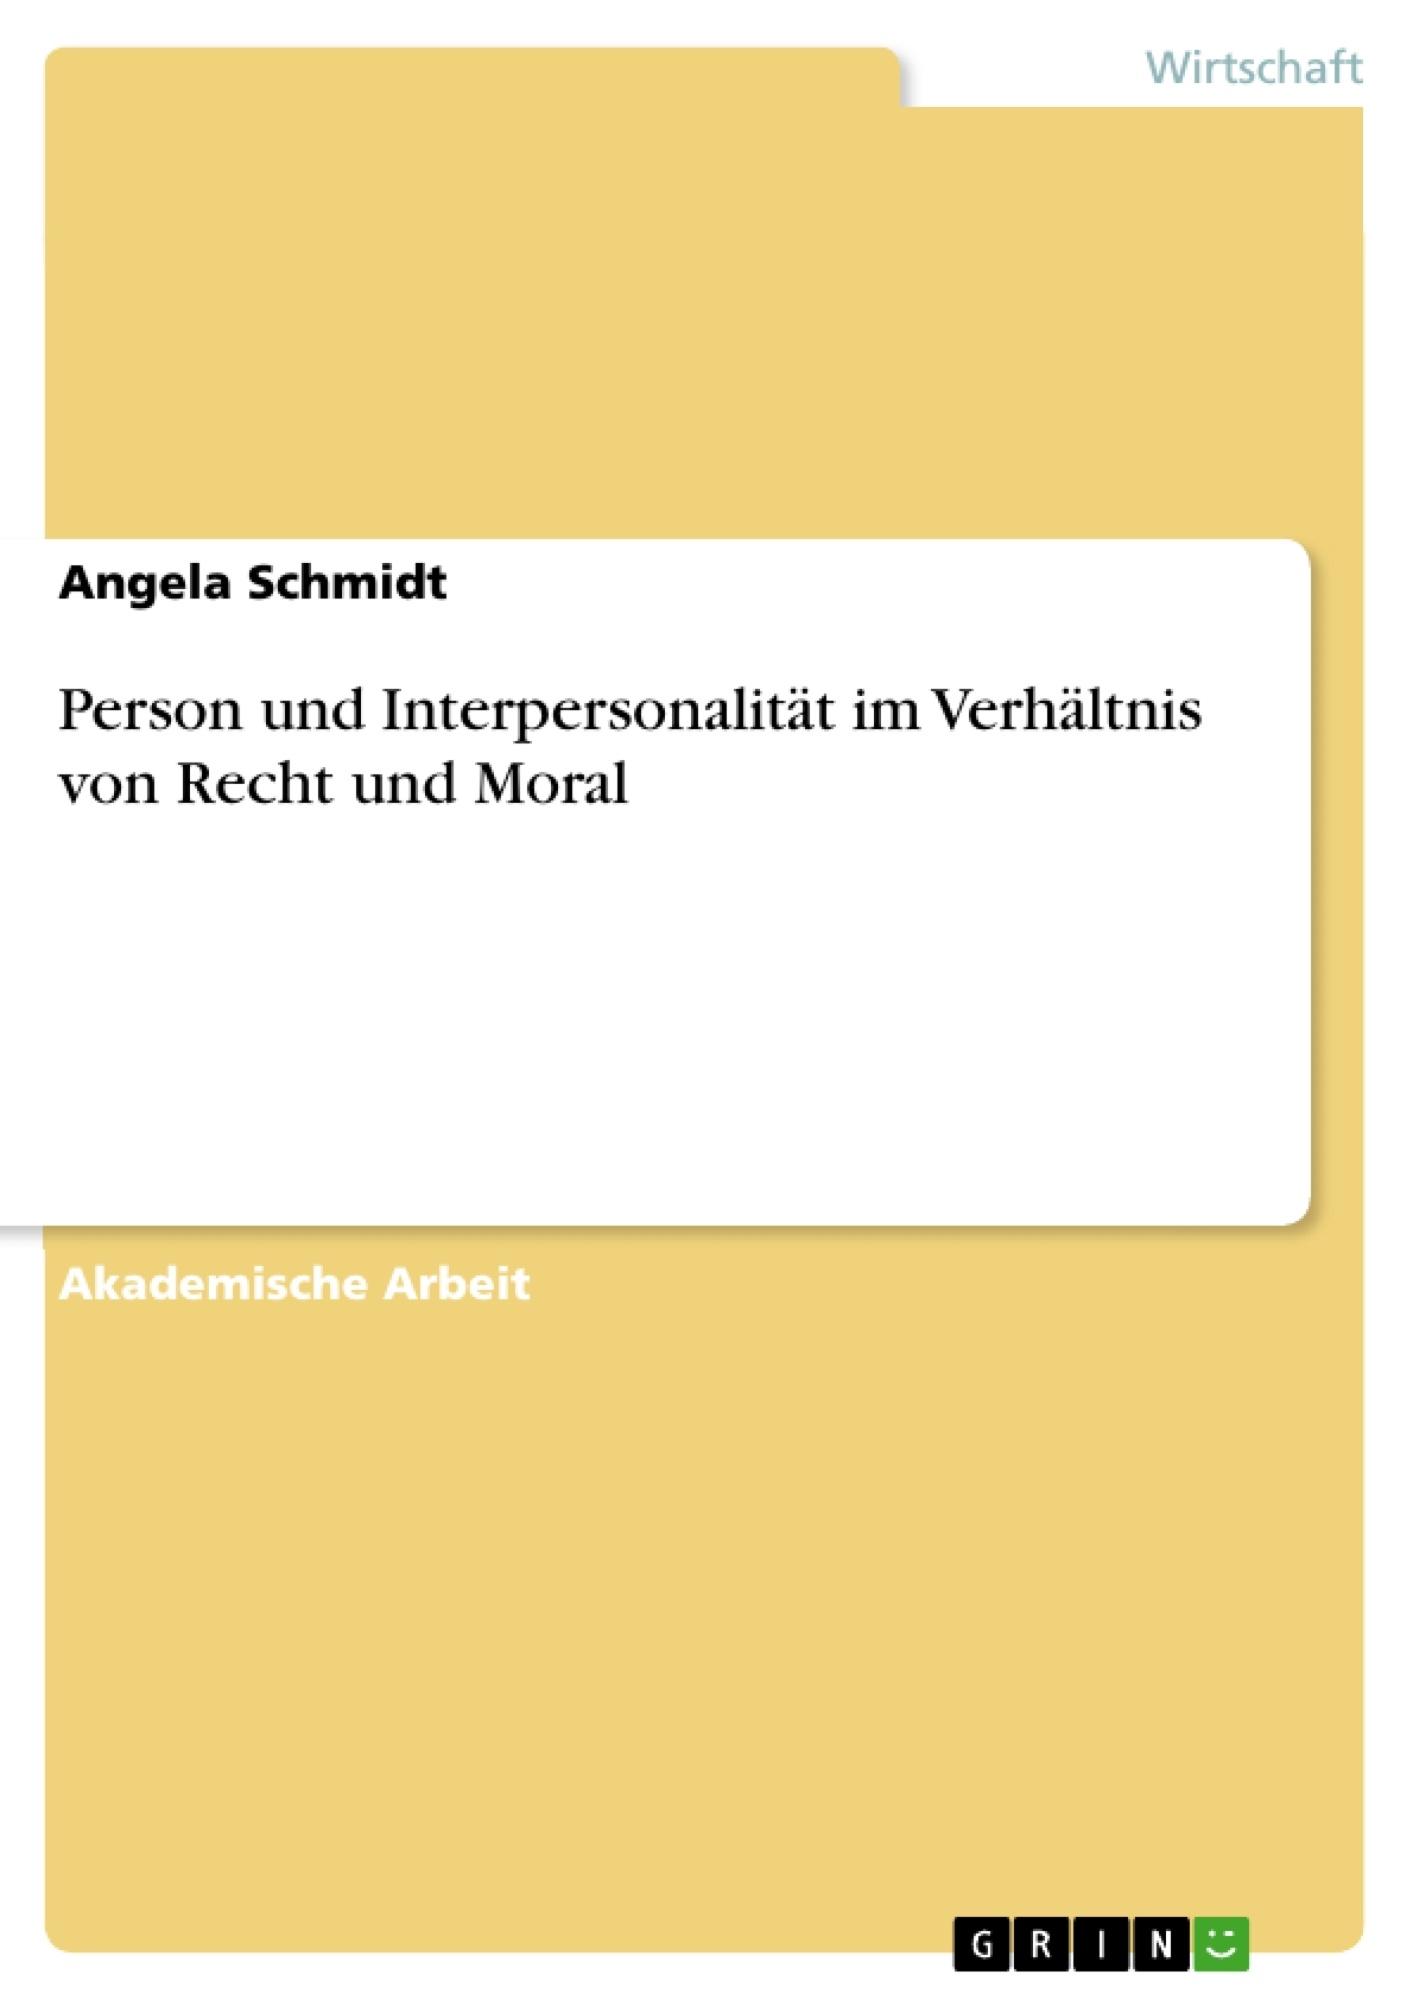 Titel: Person und Interpersonalität im Verhältnis von Recht und Moral